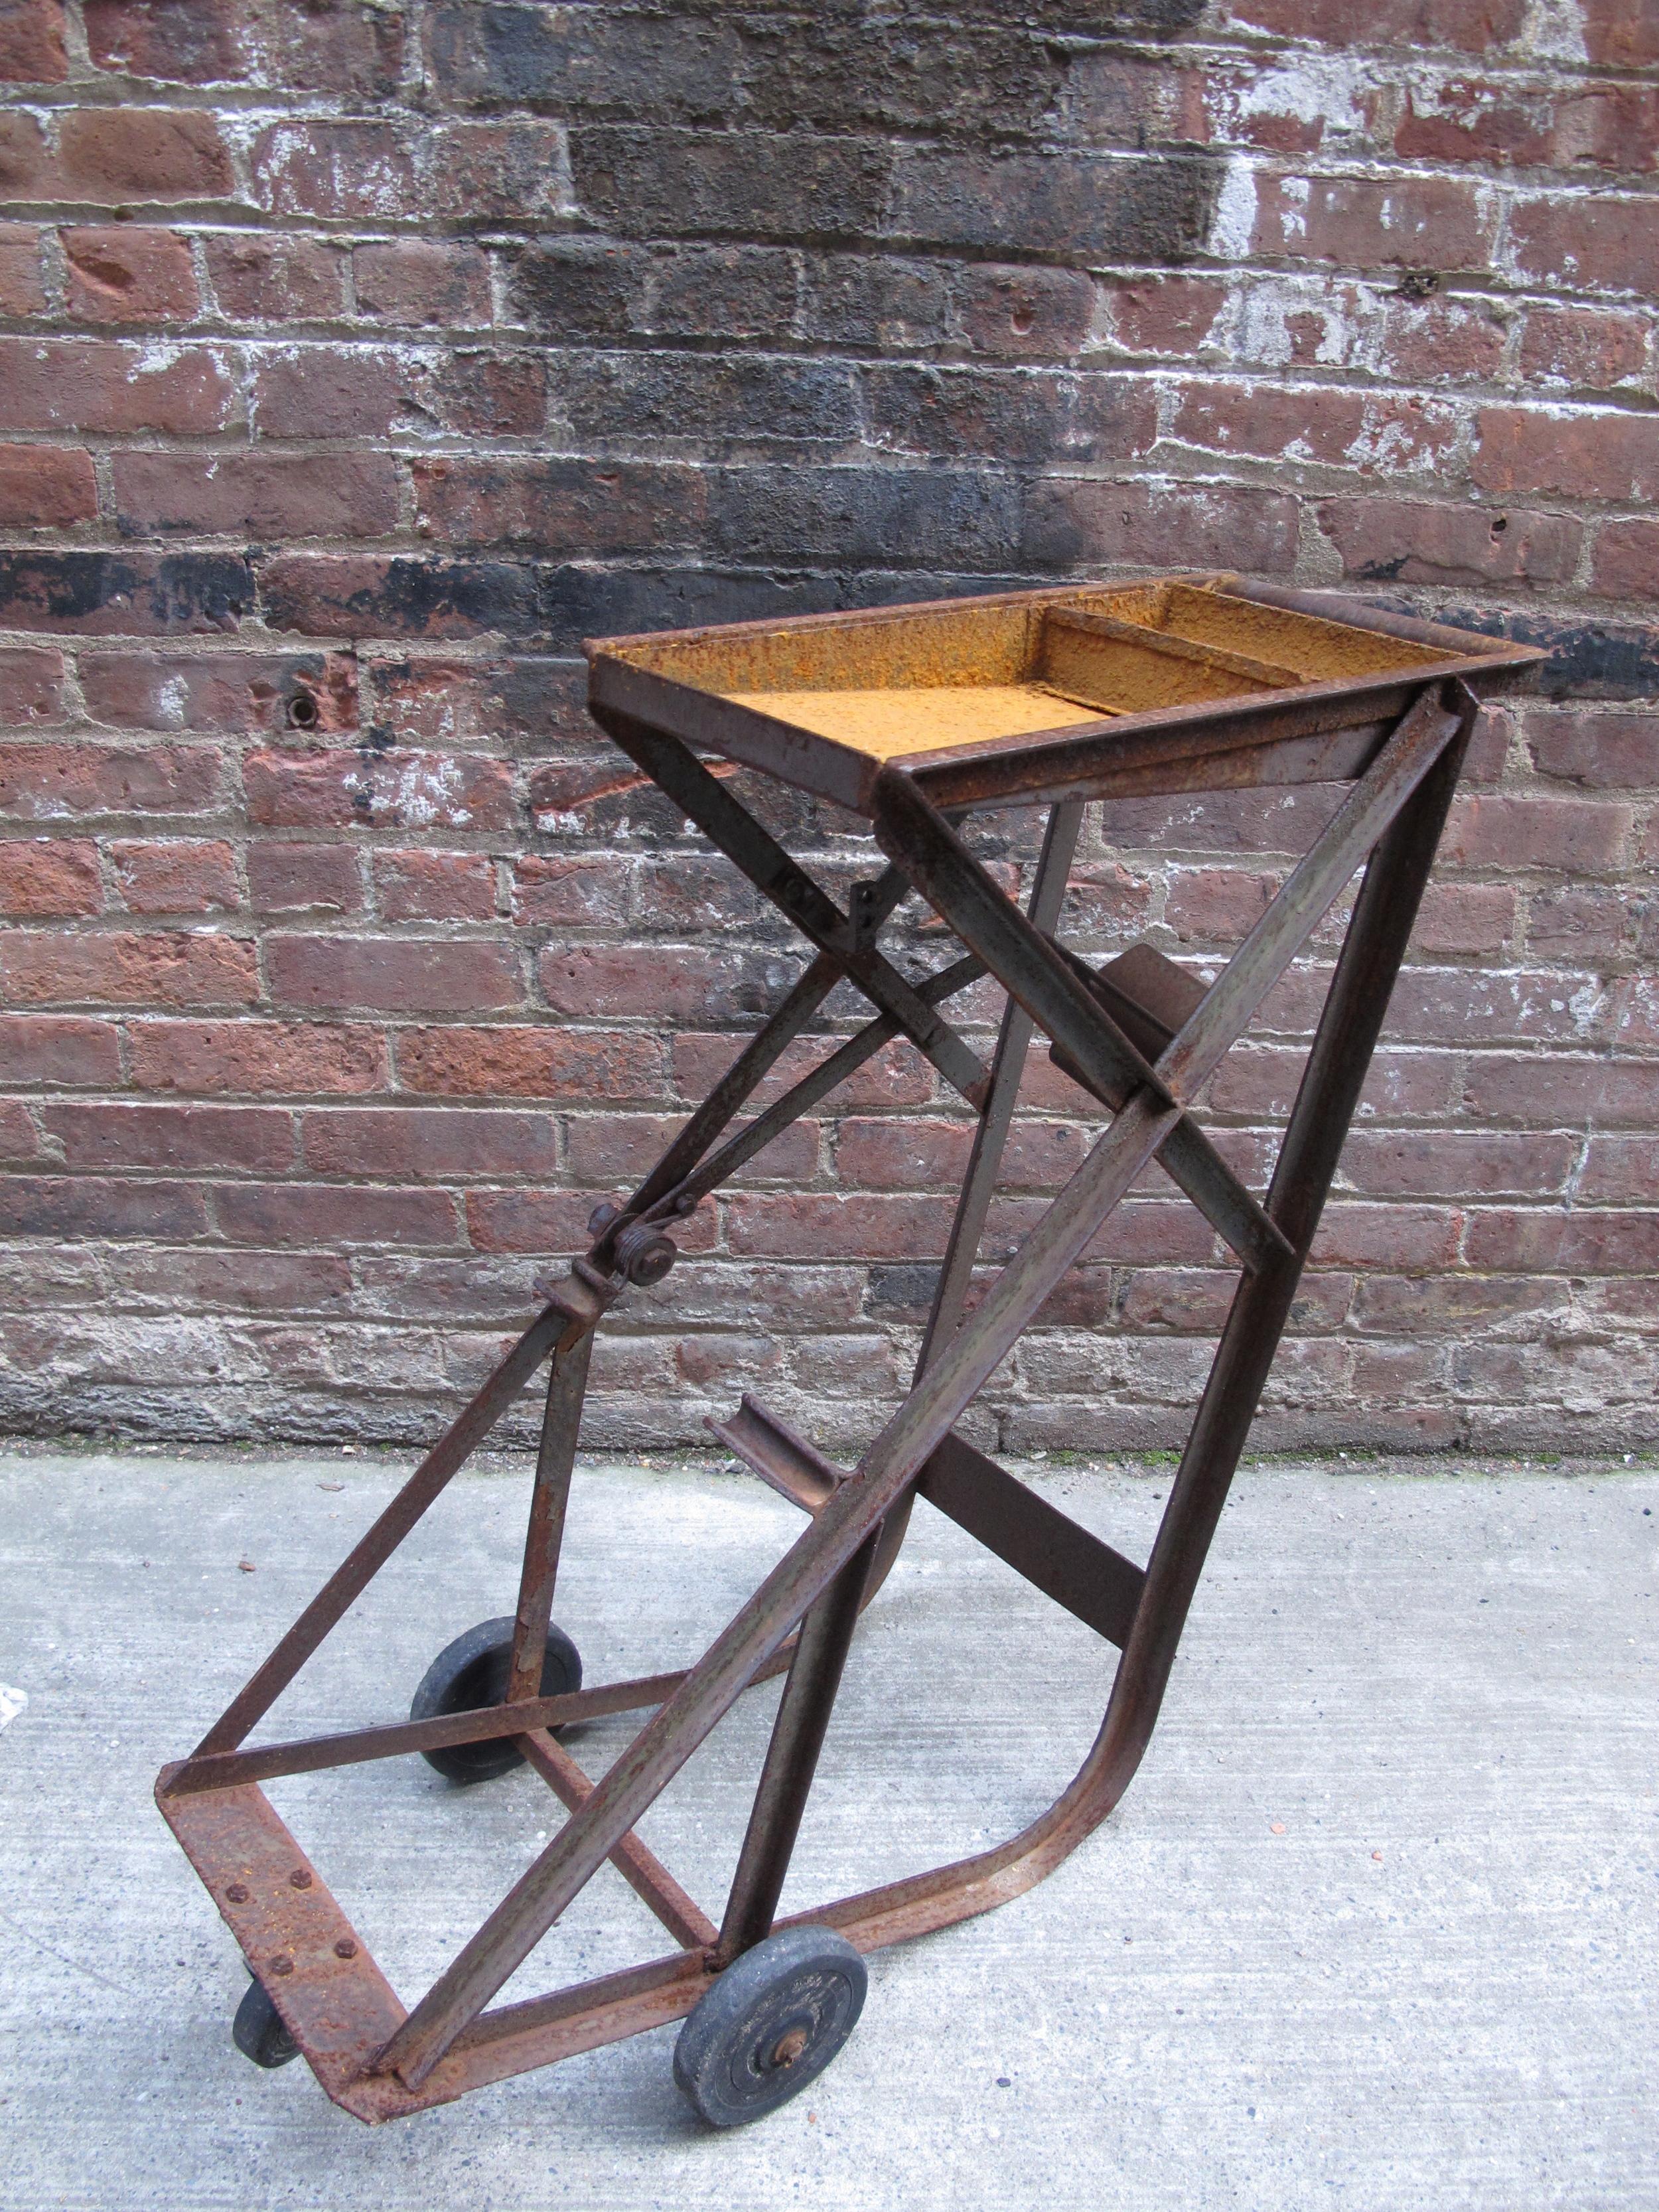 Rusted vintage metal rolling cart $50